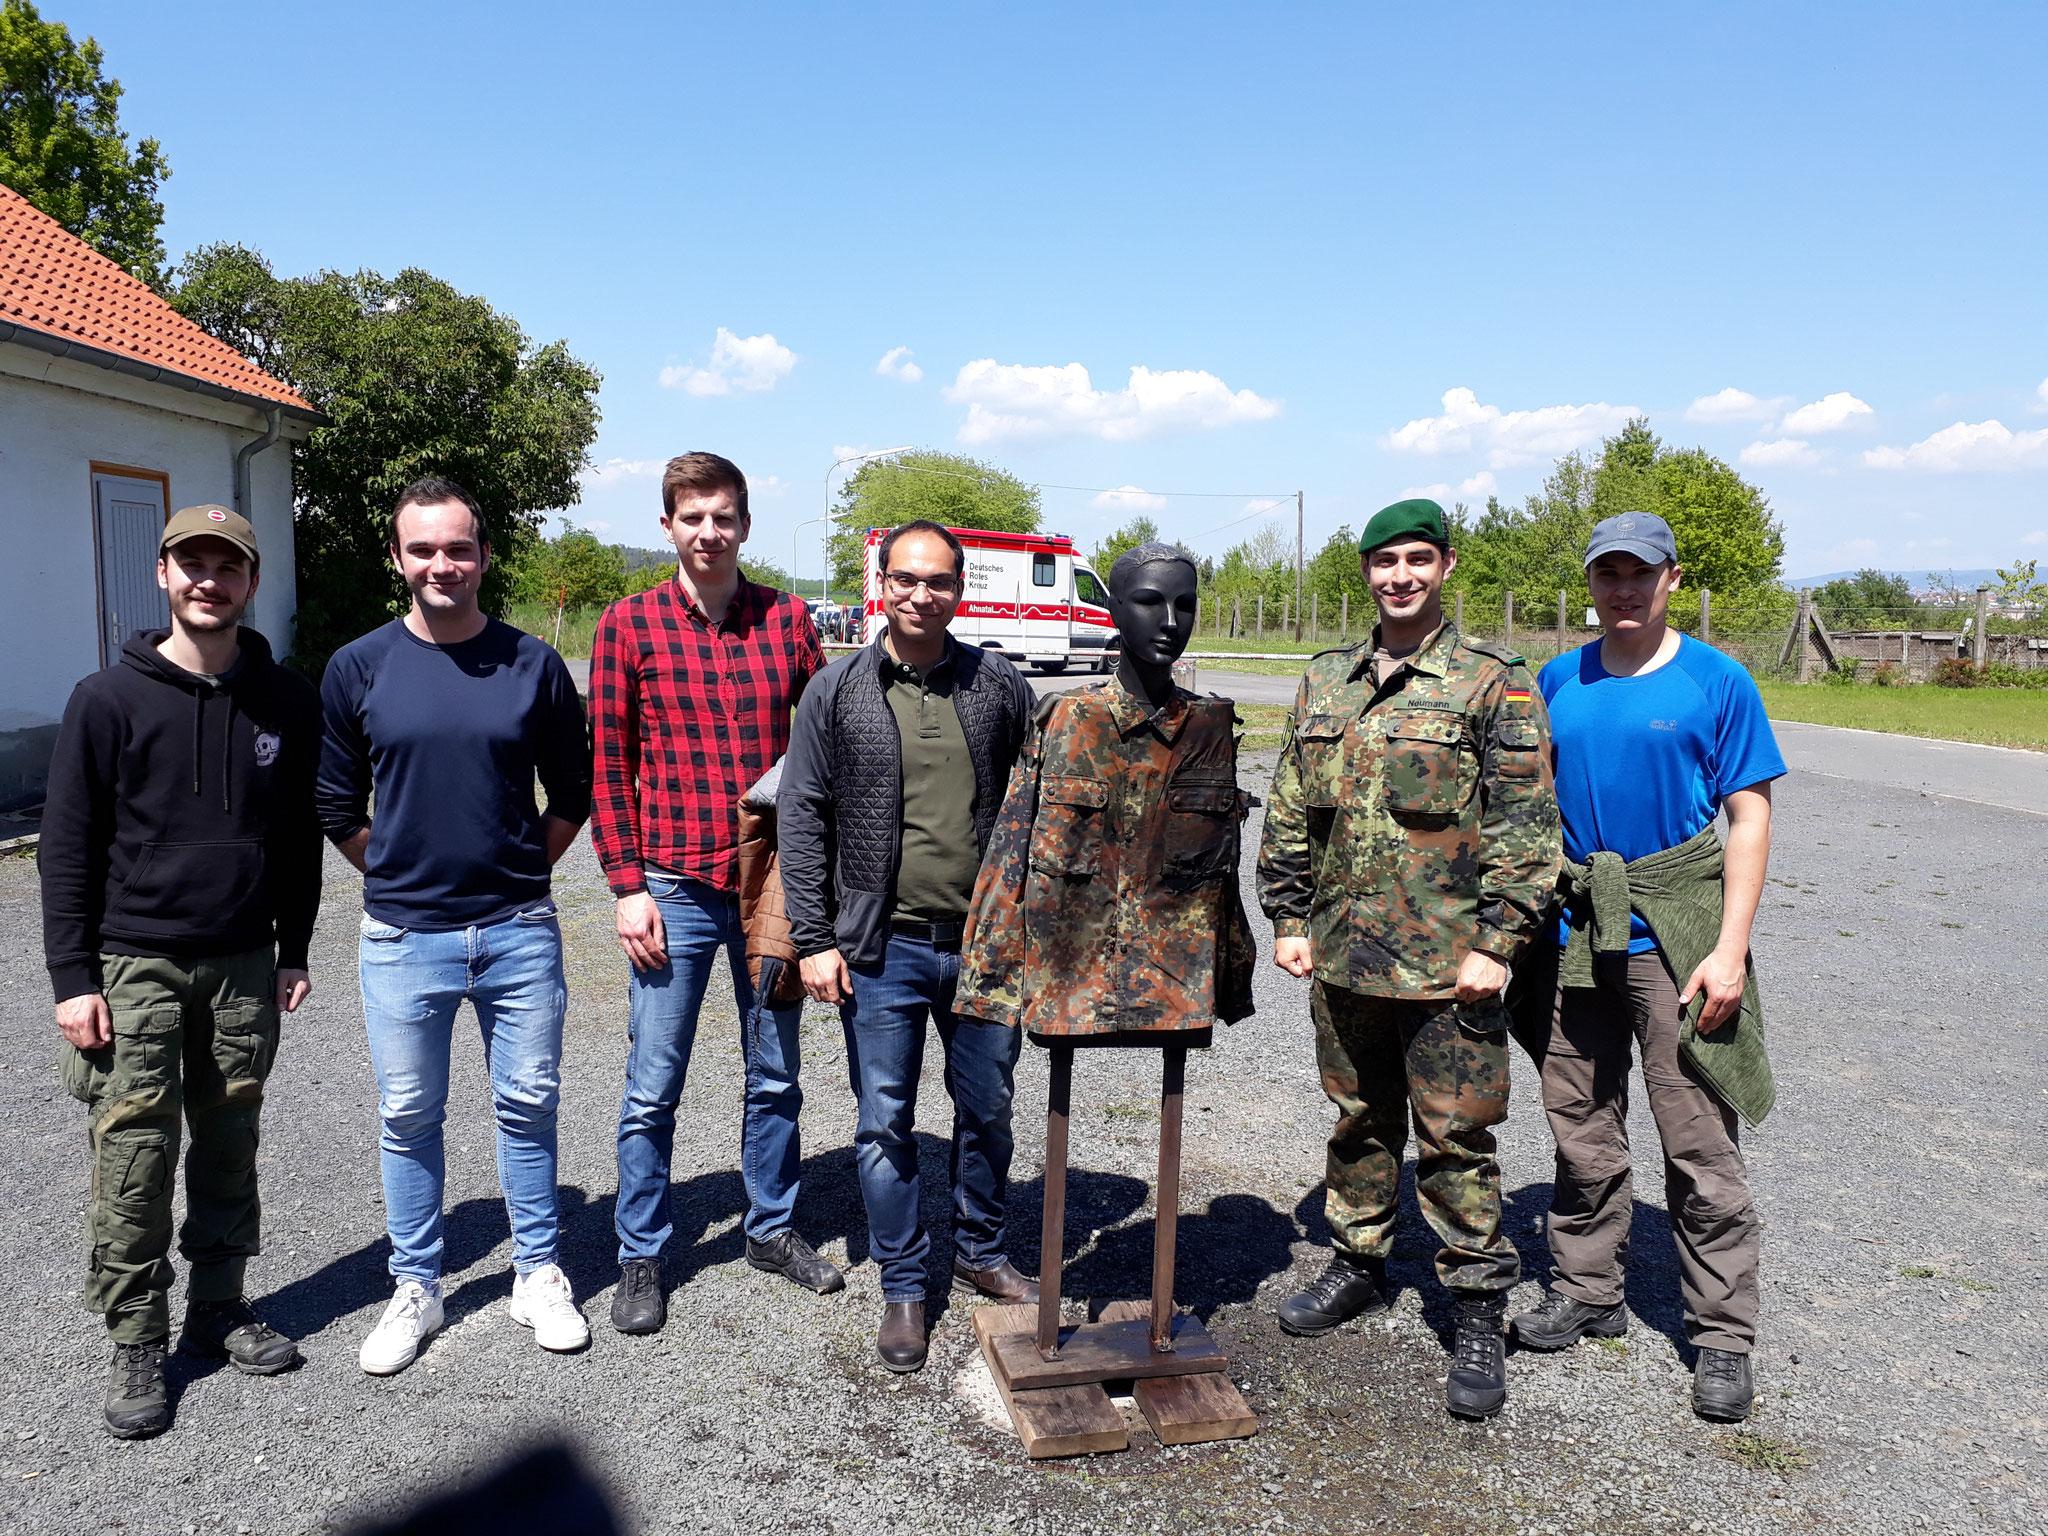 """Die Teilnehmer der KAS bei der Ausbildungsstation """"Löschen von brennenden Personen"""""""